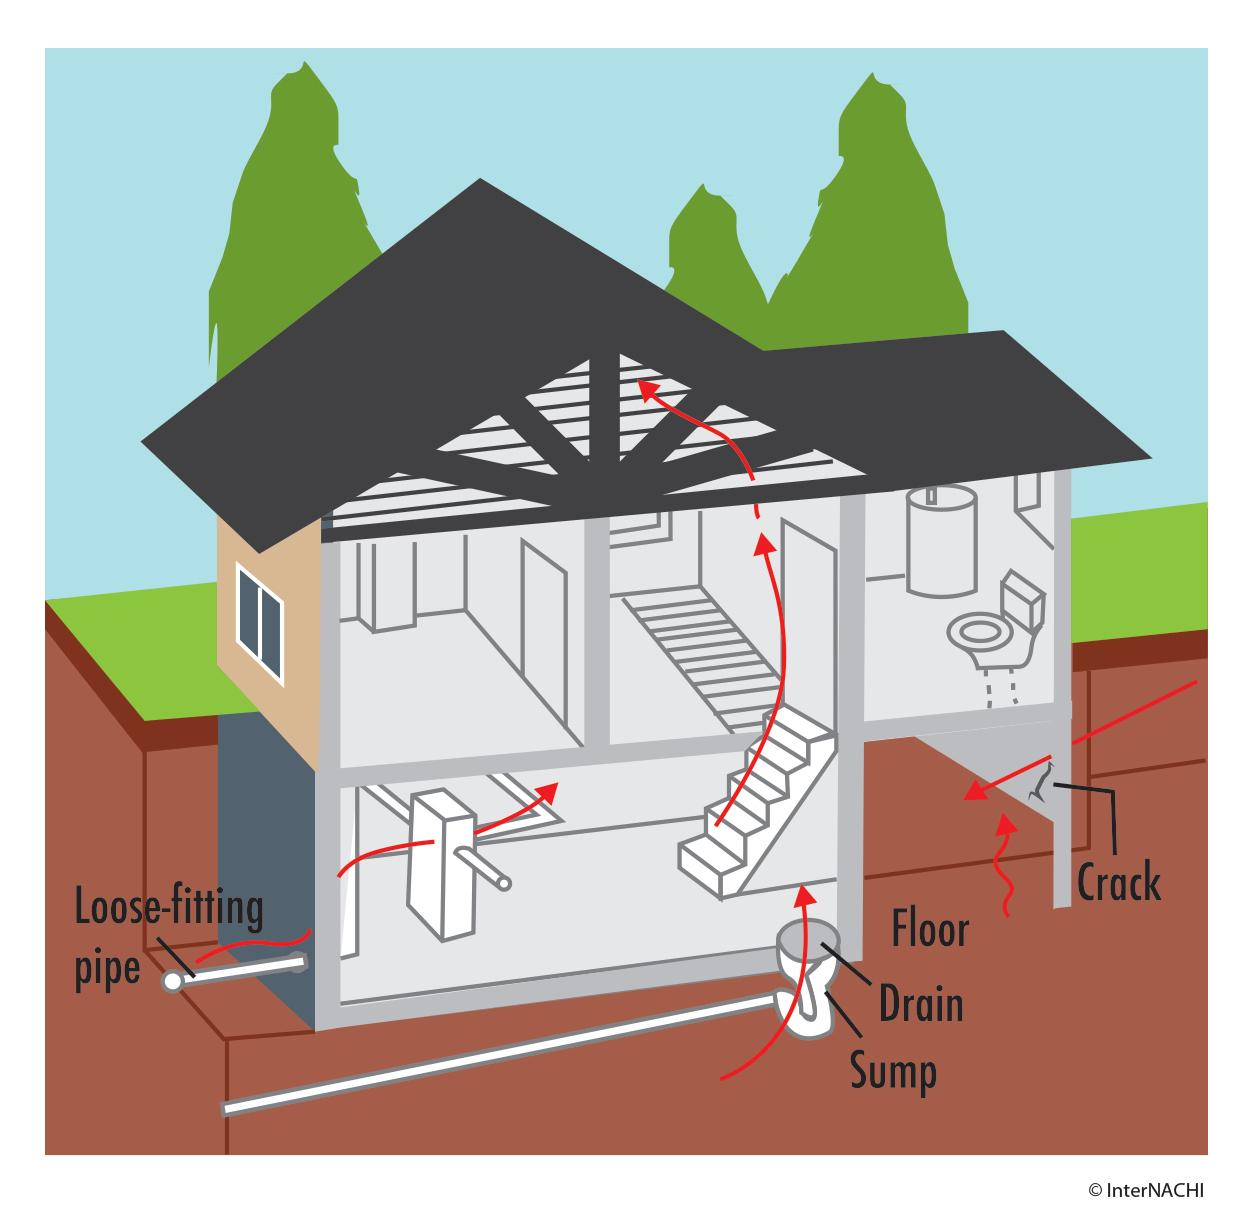 Where Radon can enter building